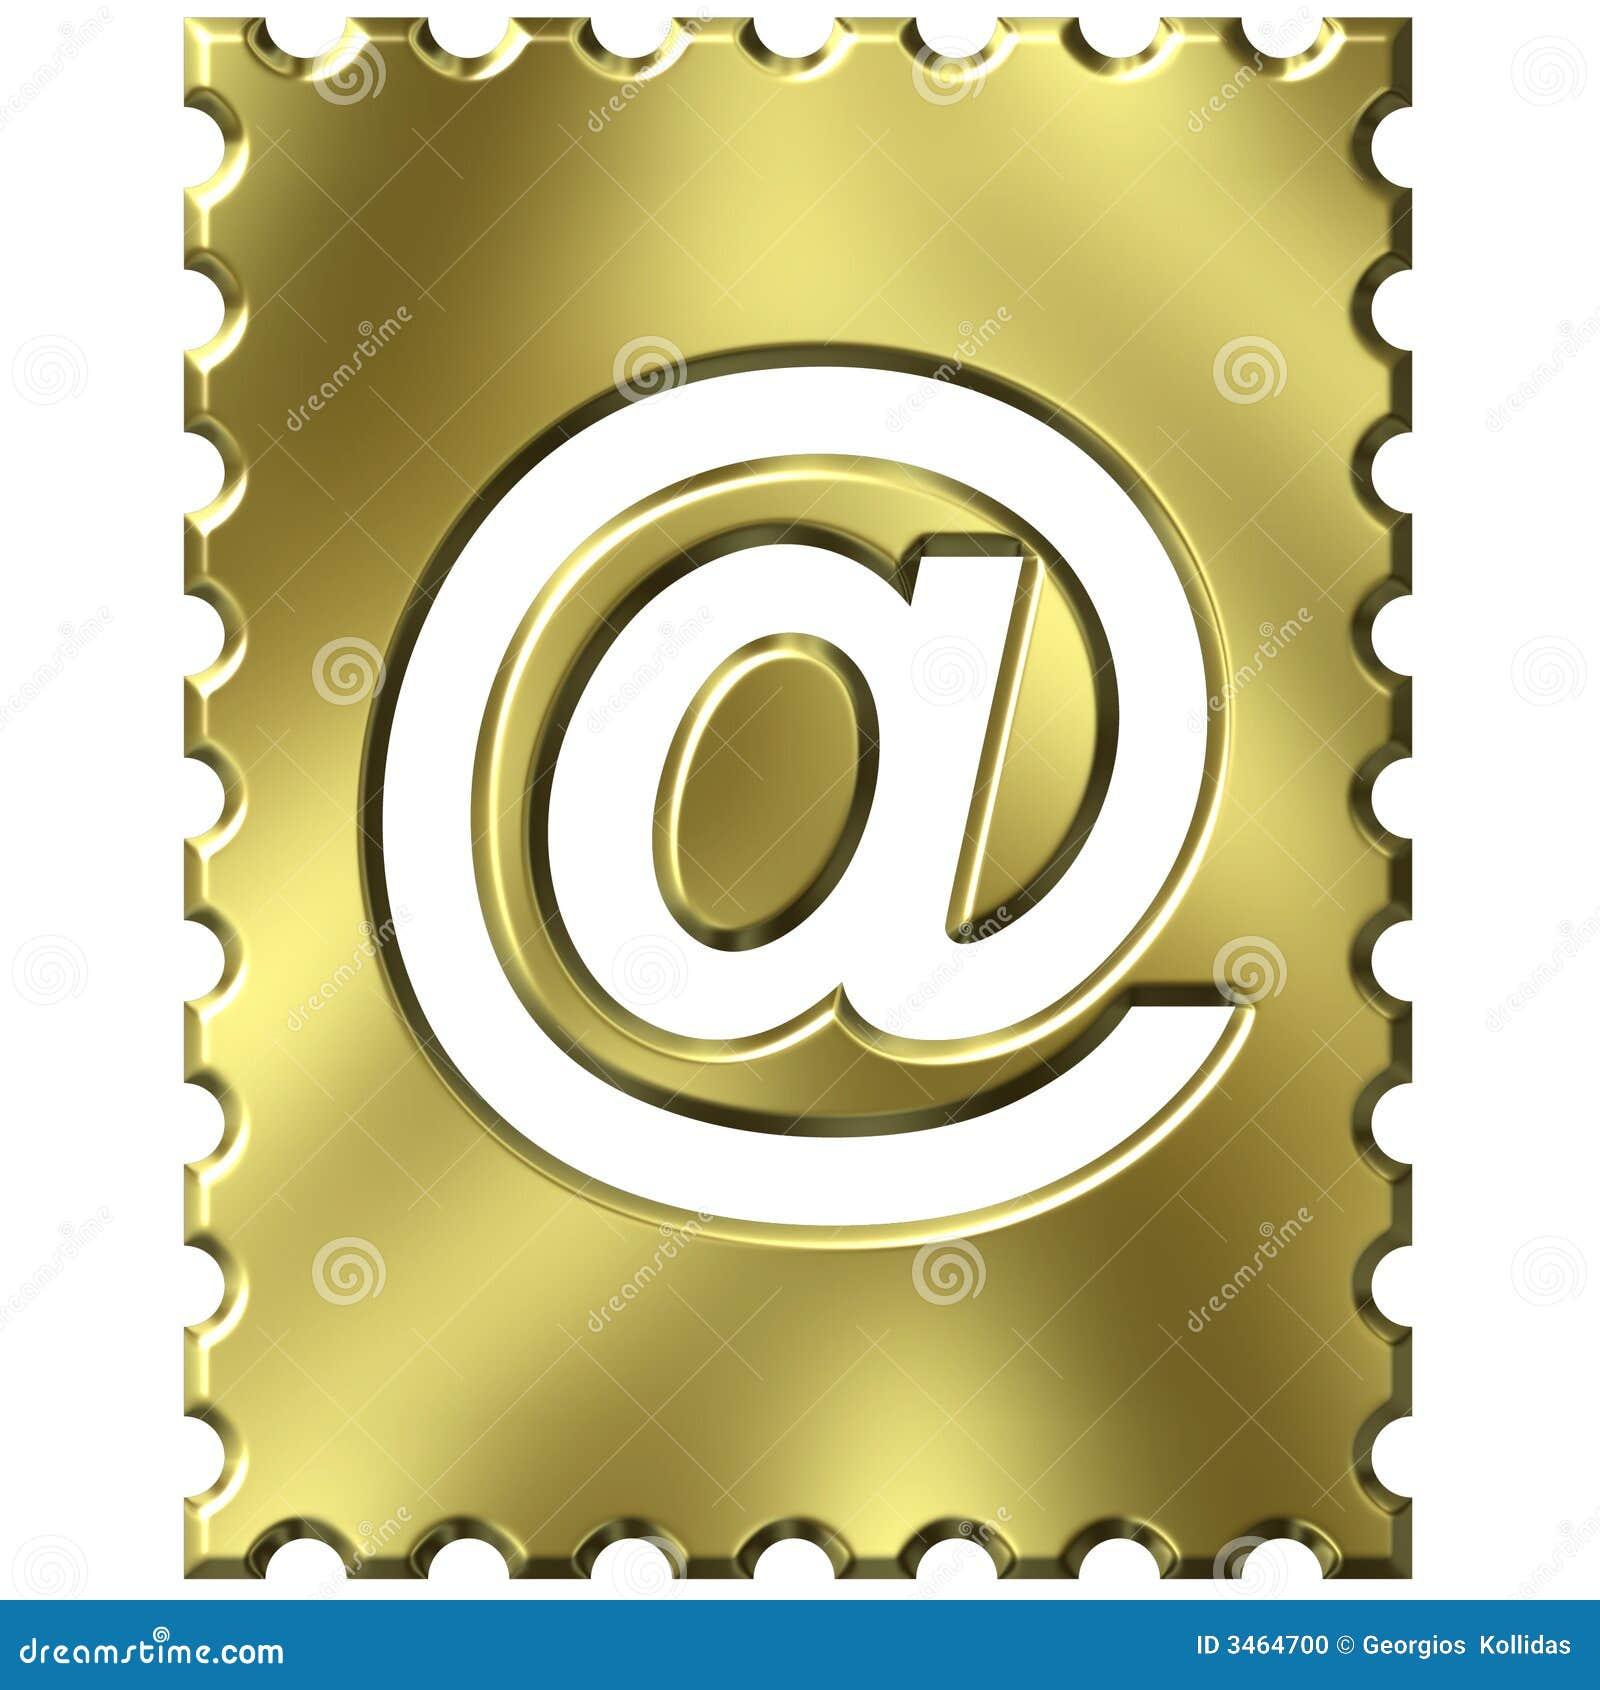 Sello con símbolo del email